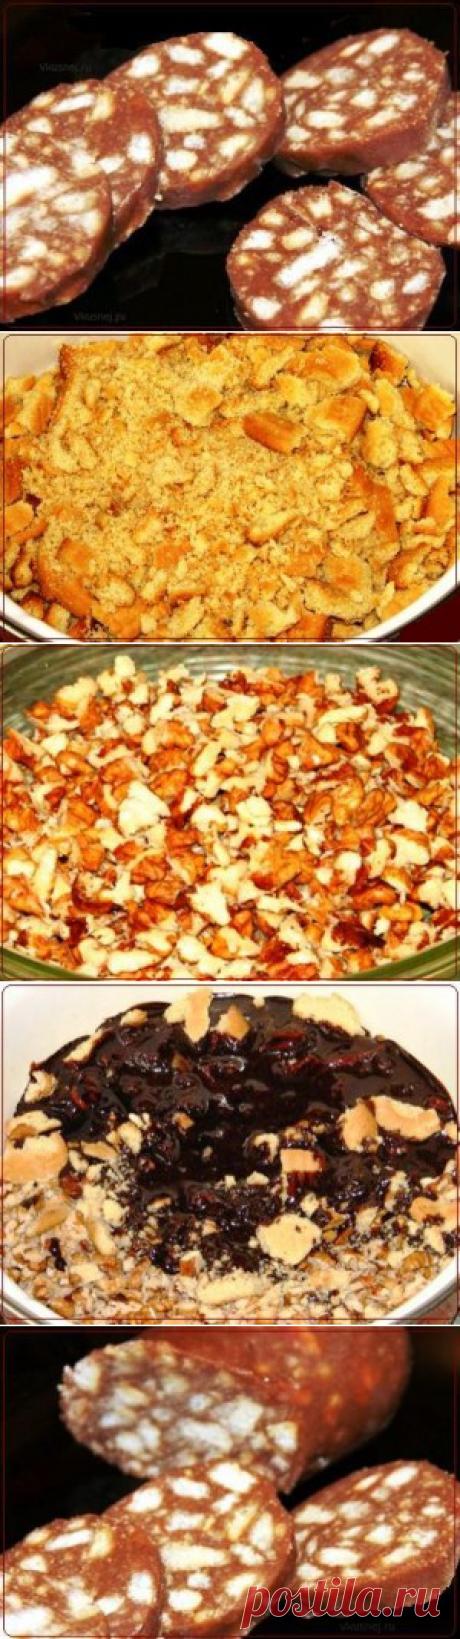 Колбаса шоколадная | Рецепты вкусно